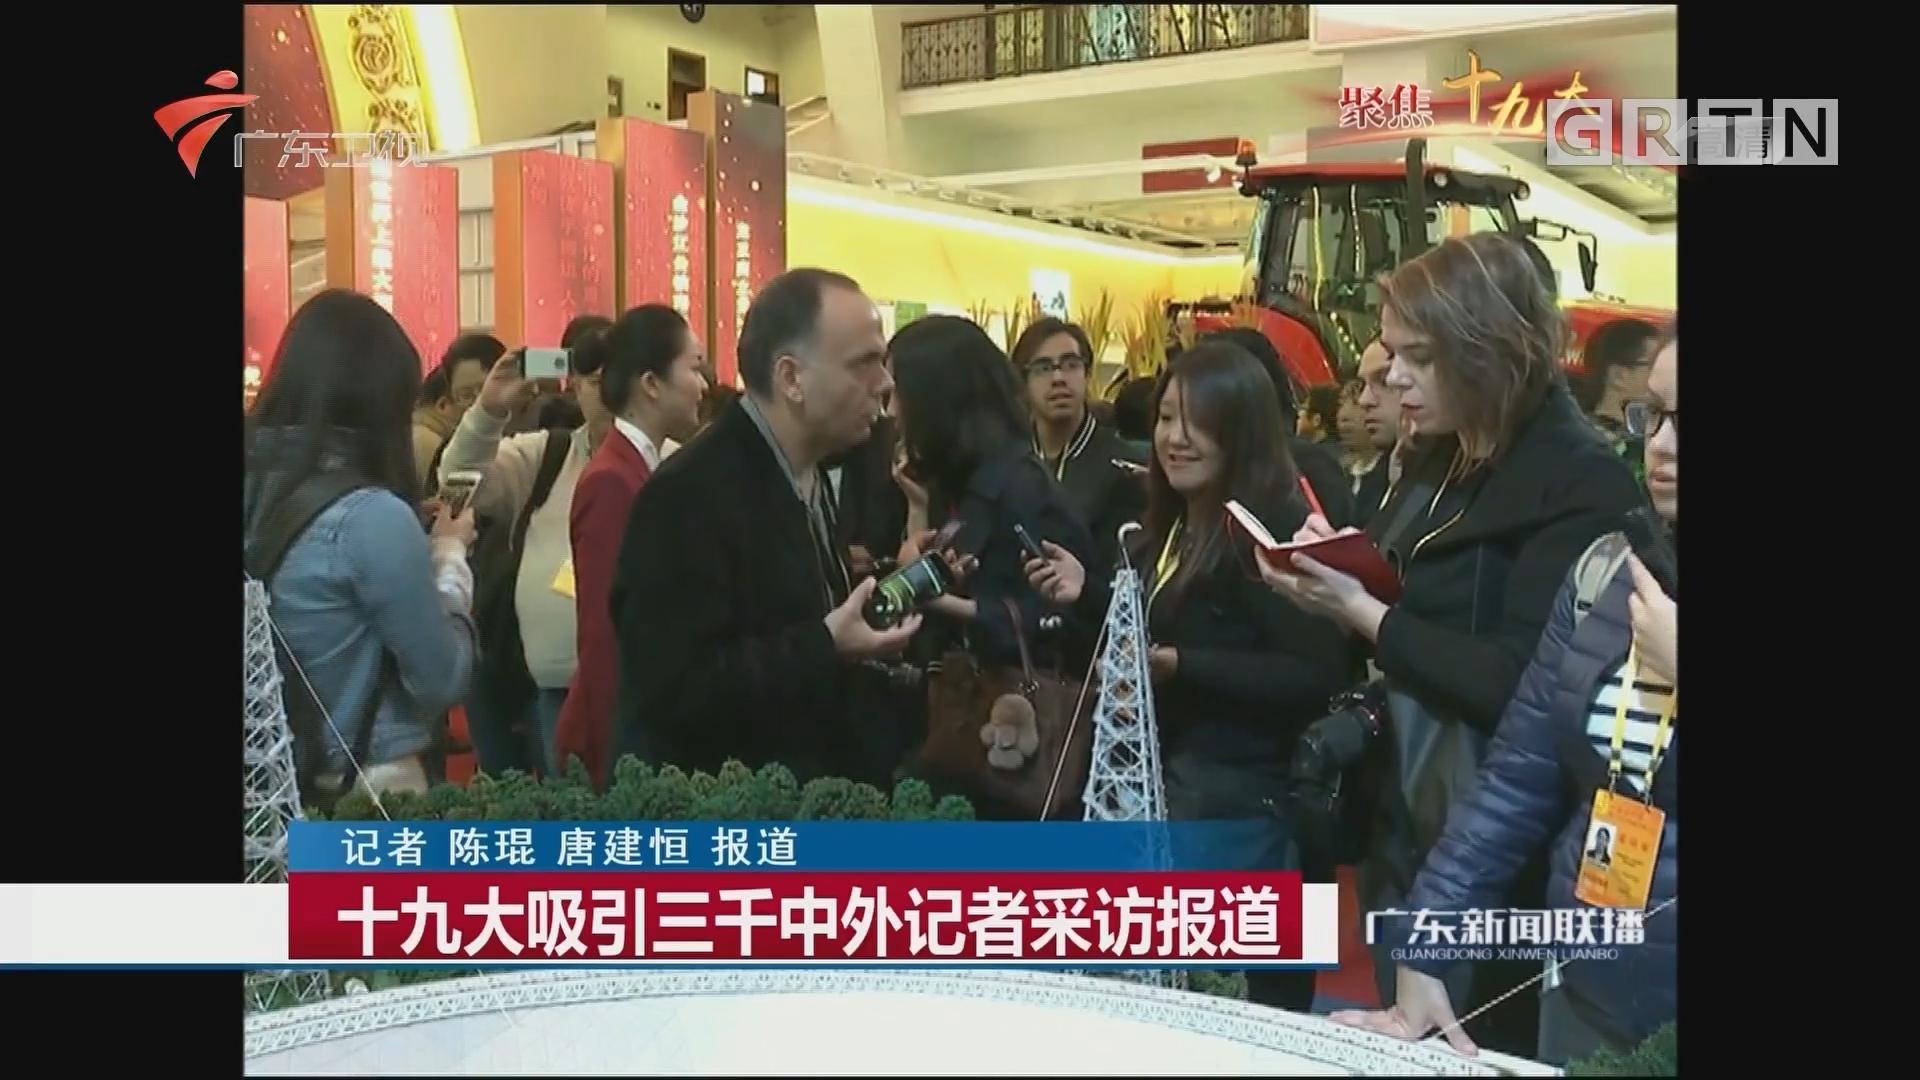 十九大吸引三千中外记者采访报道